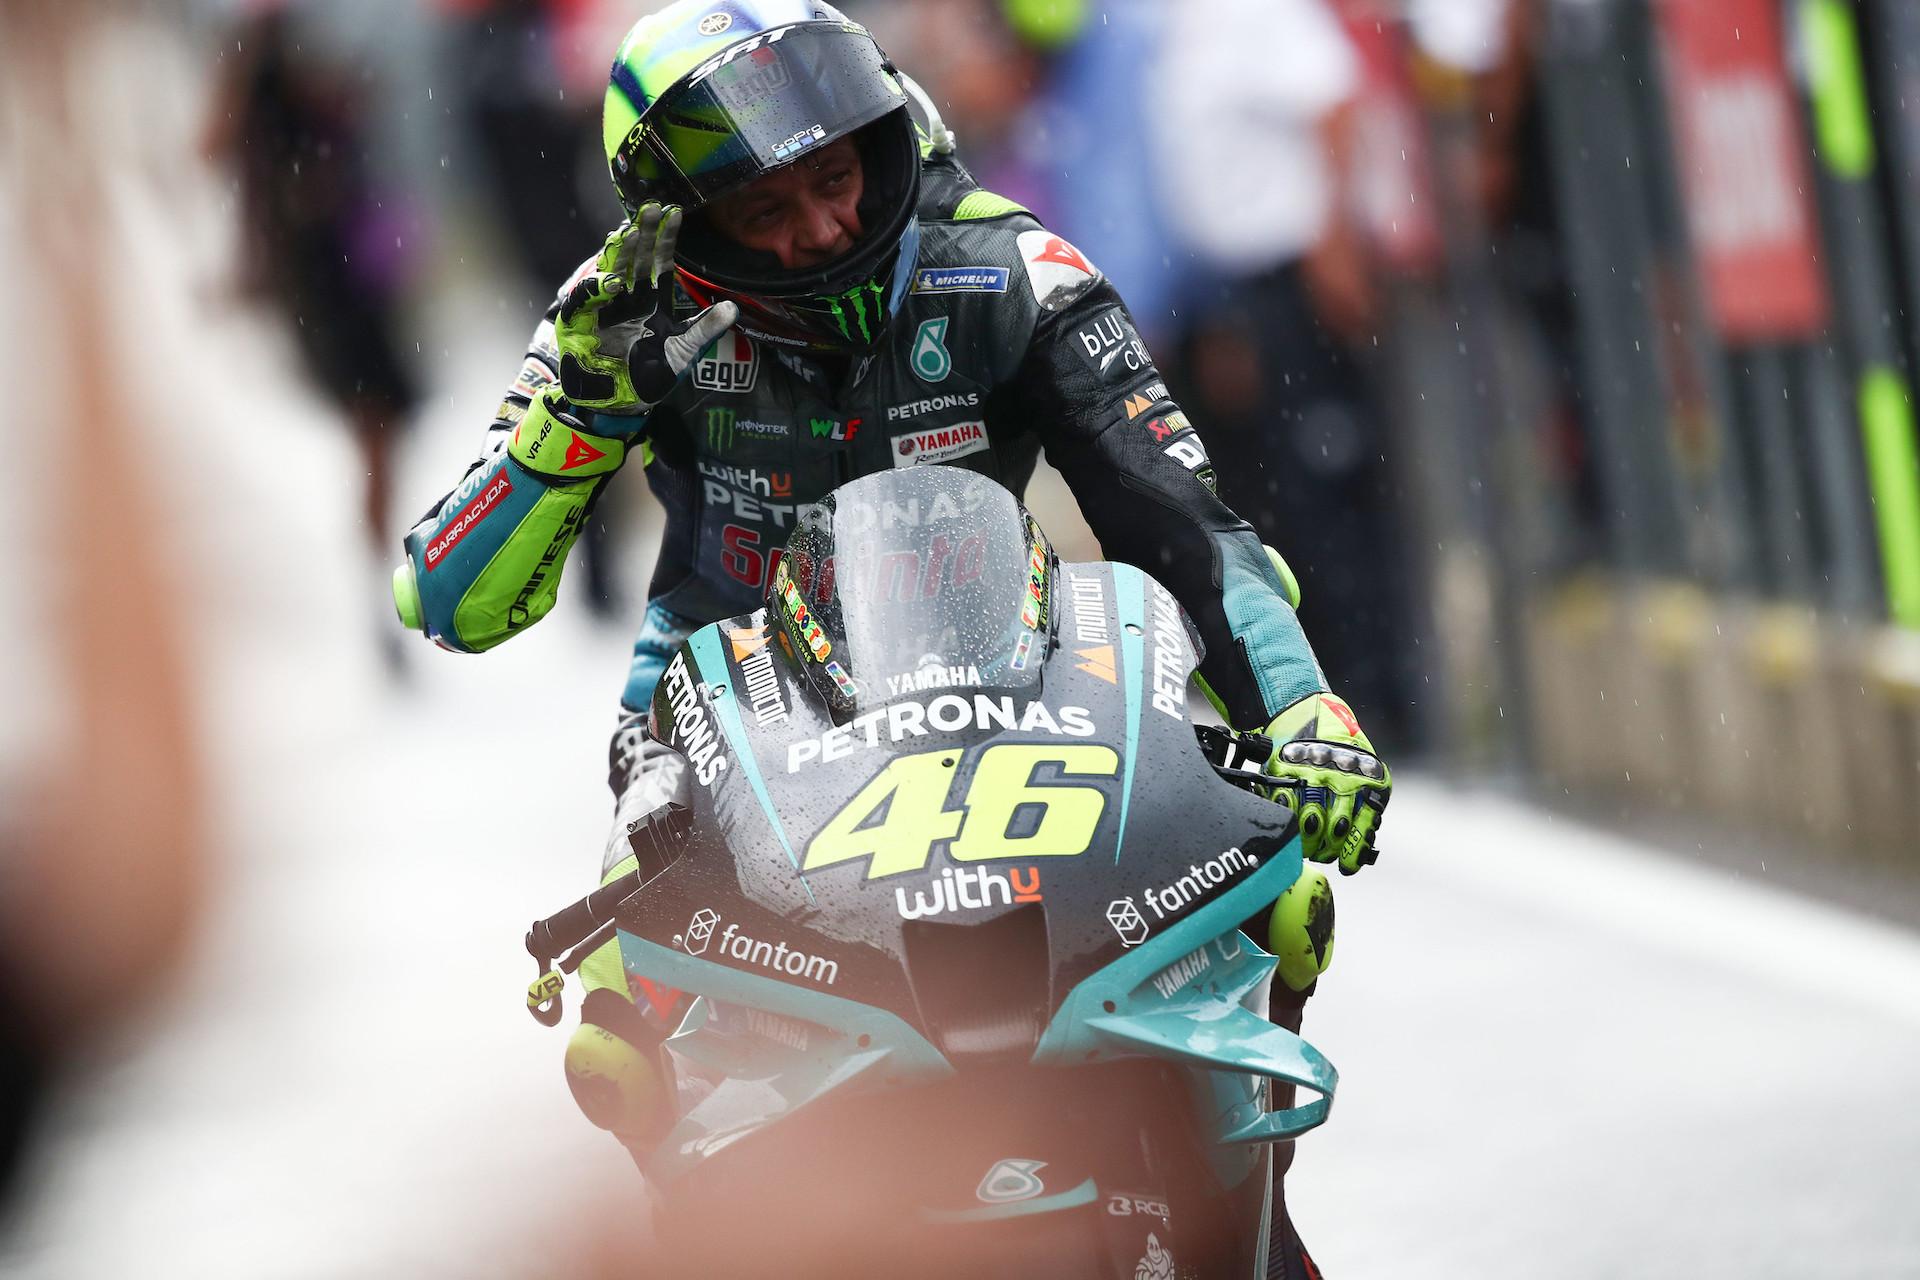 Adiós a Rossi, ¿adiós a MotoGP?